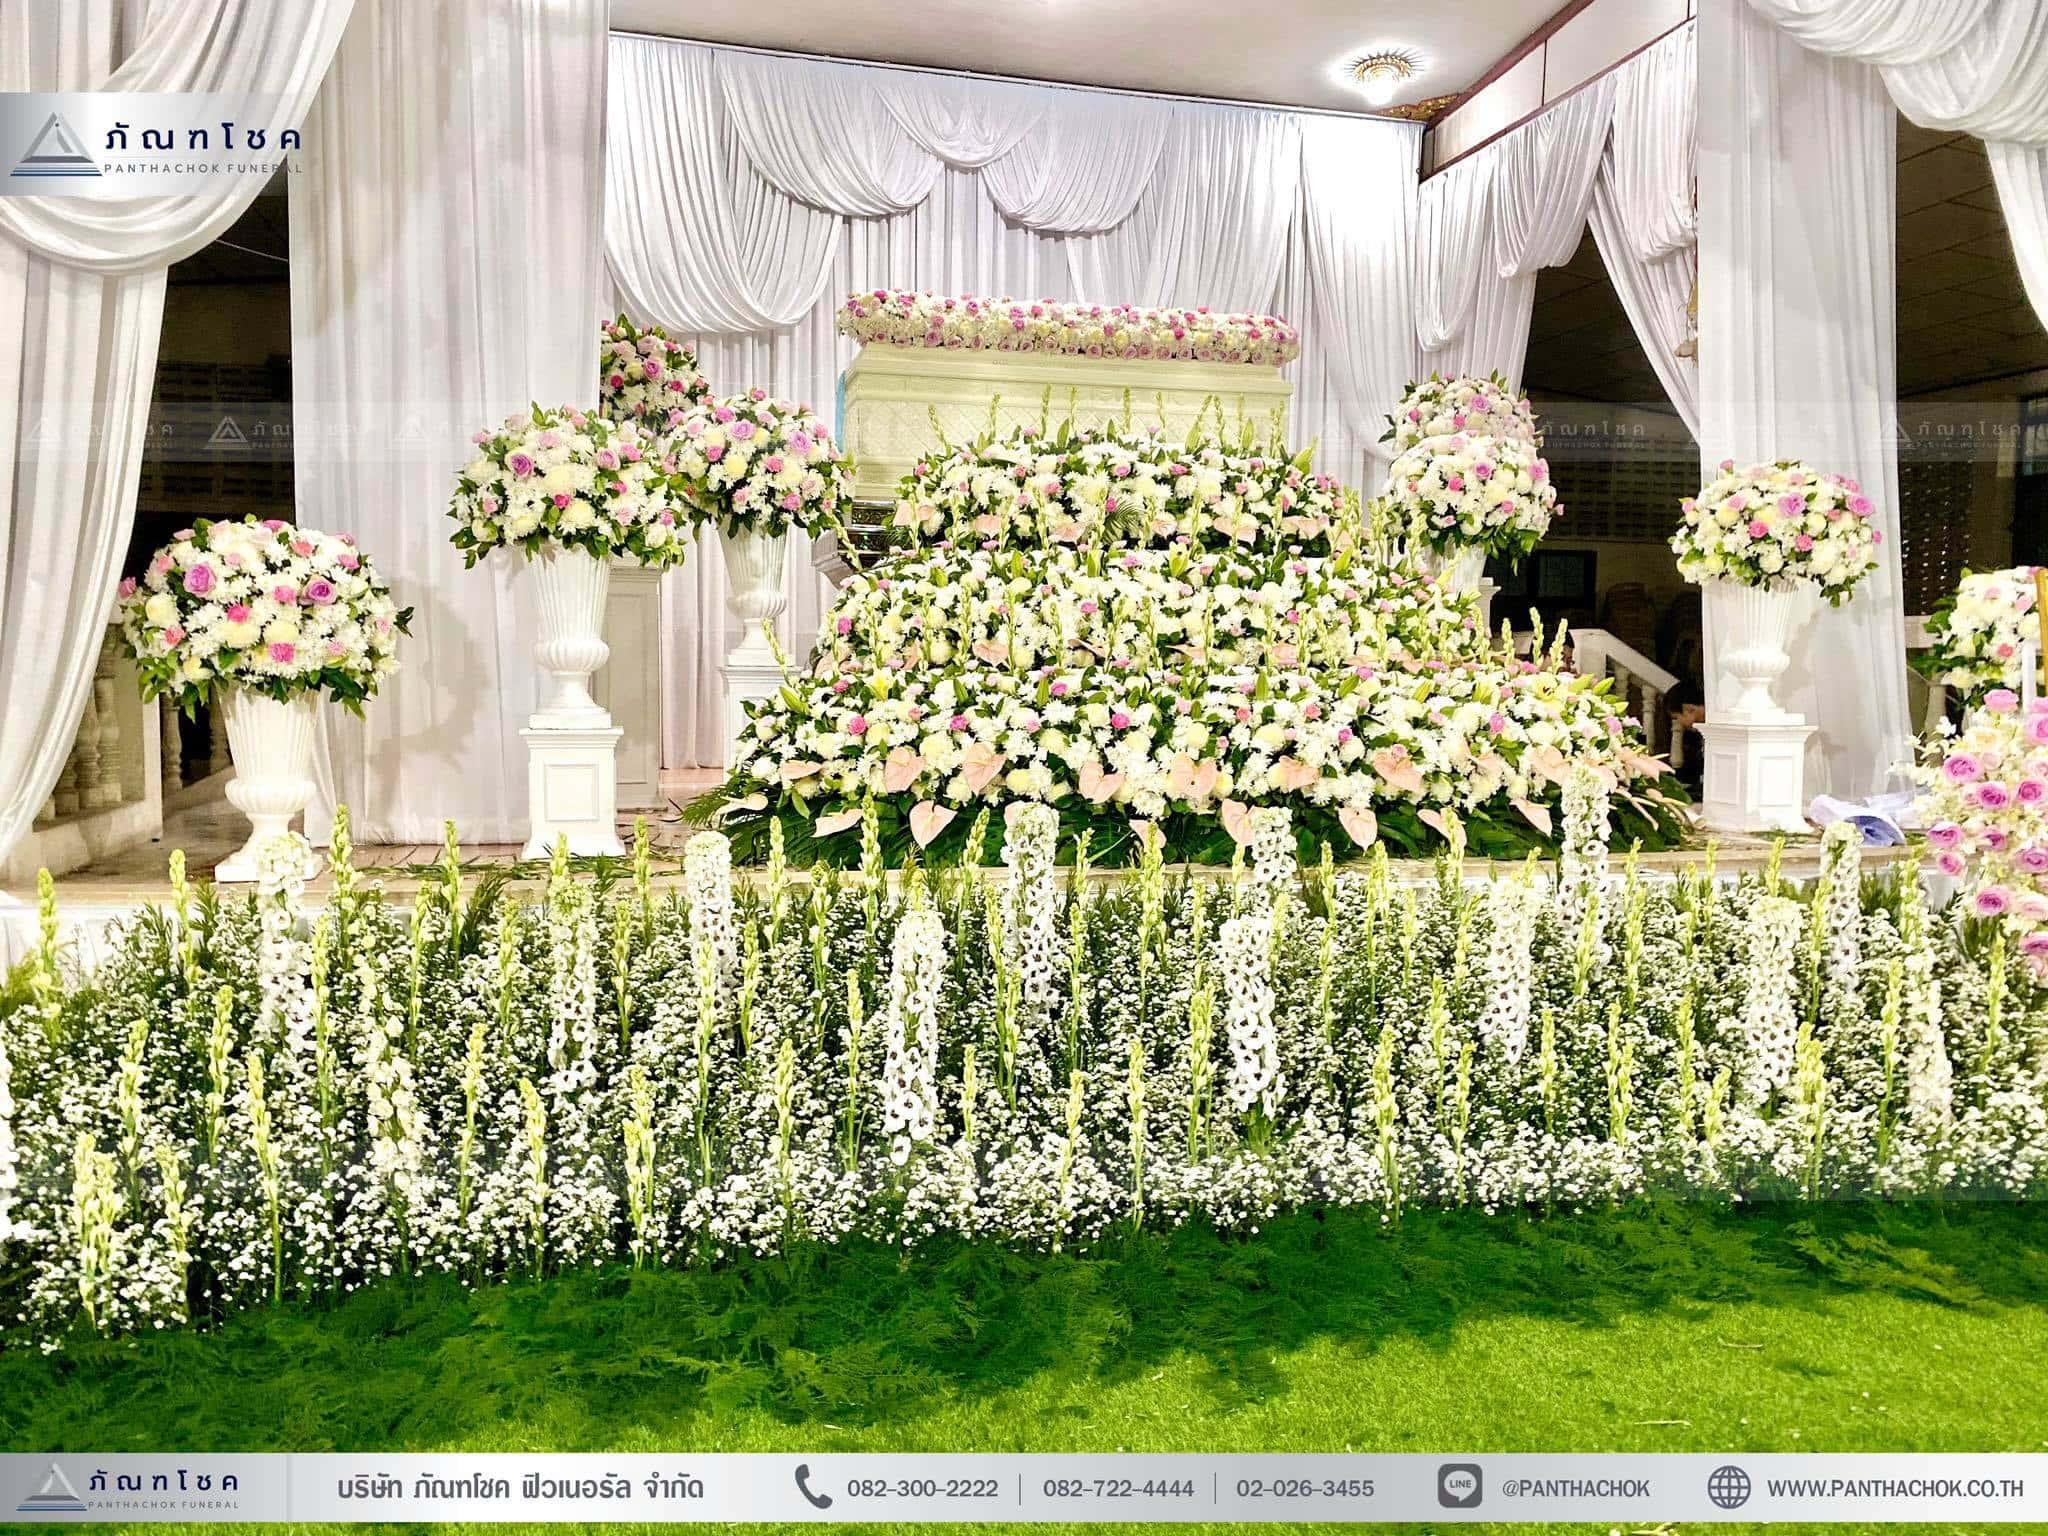 ดอกไม้ประดับหน้าหีบ ดอกไม้งานศพ ดอกไม้สีขาวชมพู